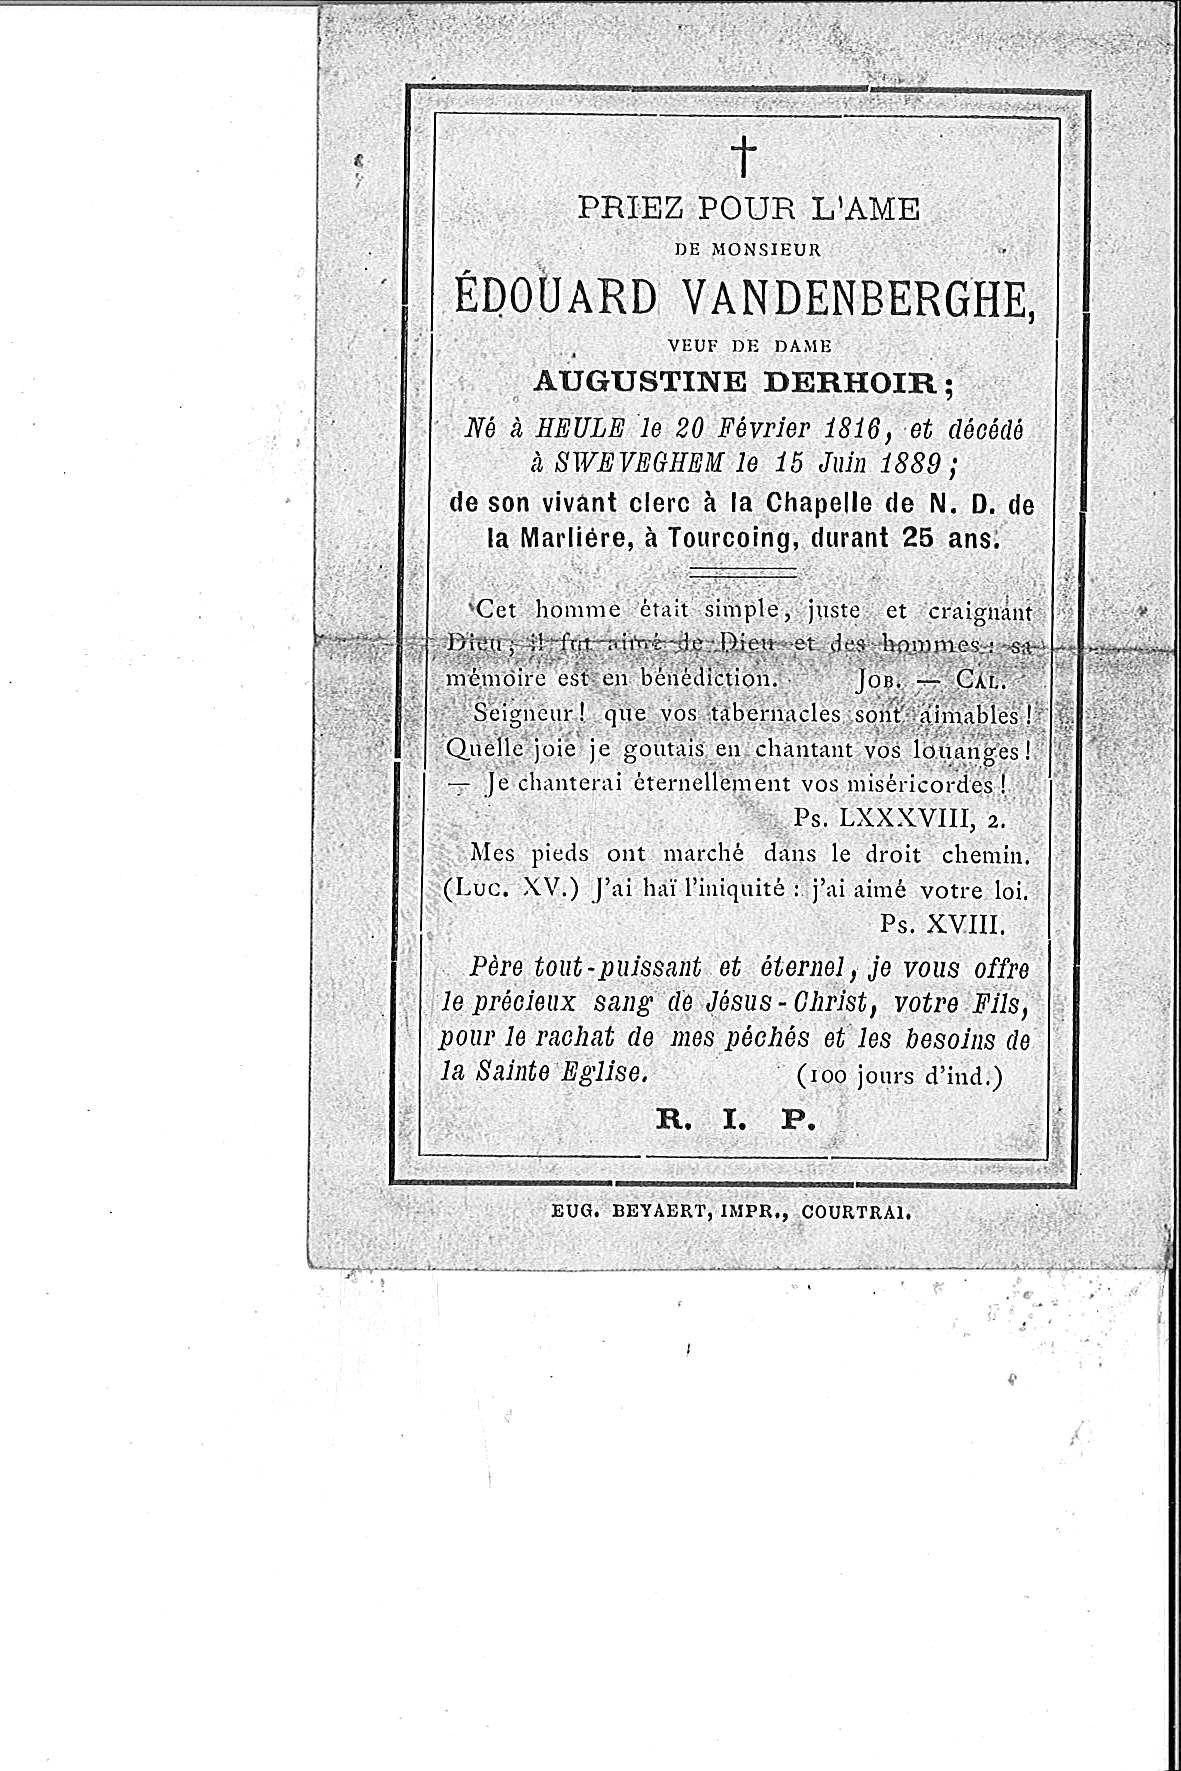 Edouard(1889)20150803081045_00067.jpg